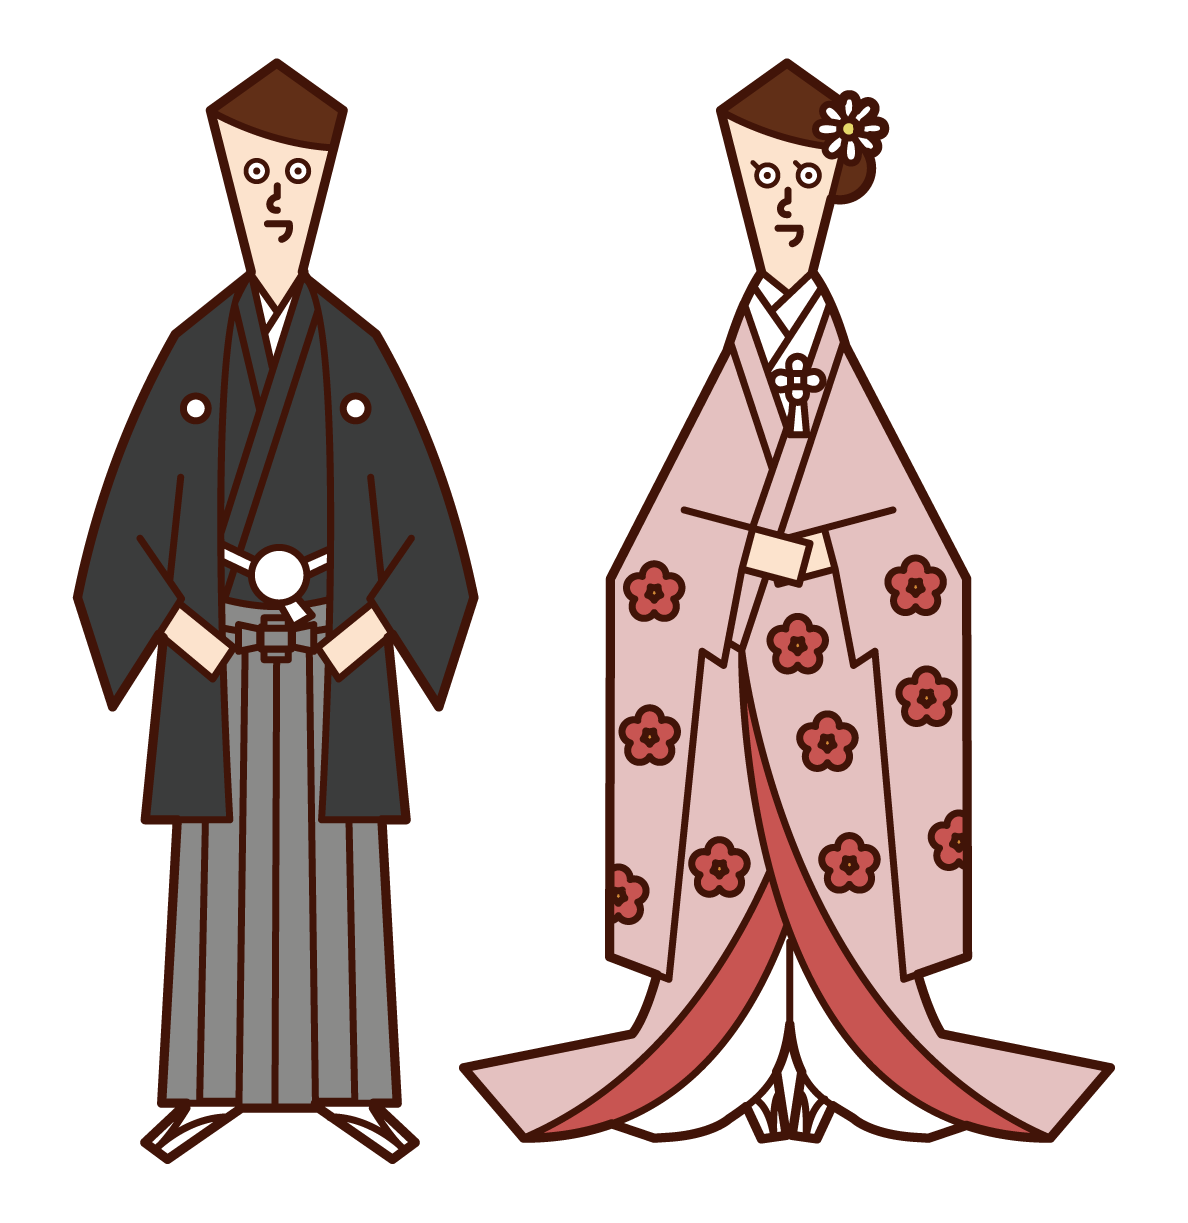 일본 신부와 신랑의 일러스트 (몽가수크와 컬러 매달려)